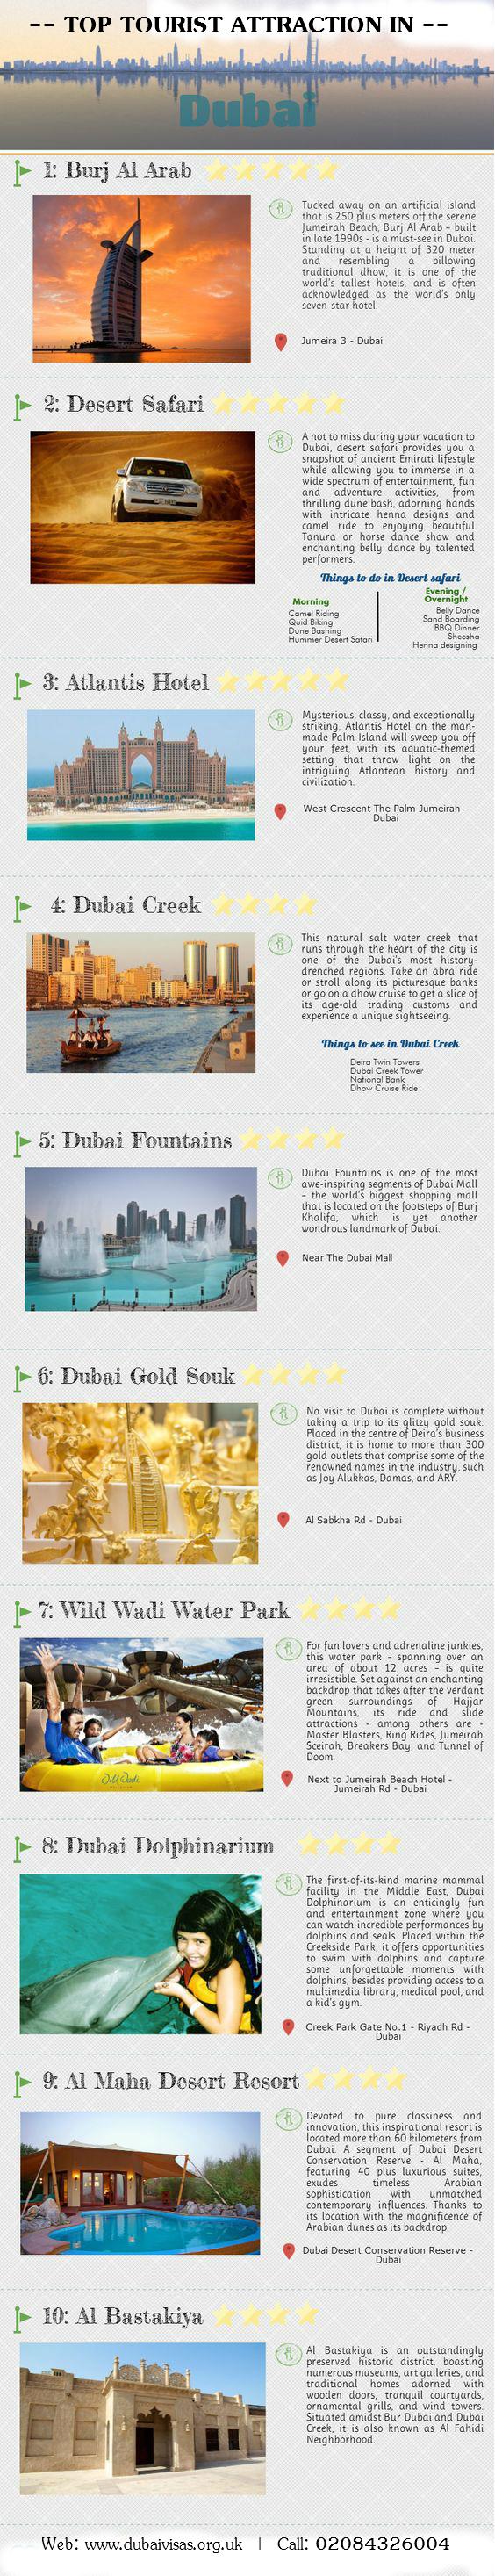 Top Tourist Attraction In Dubai